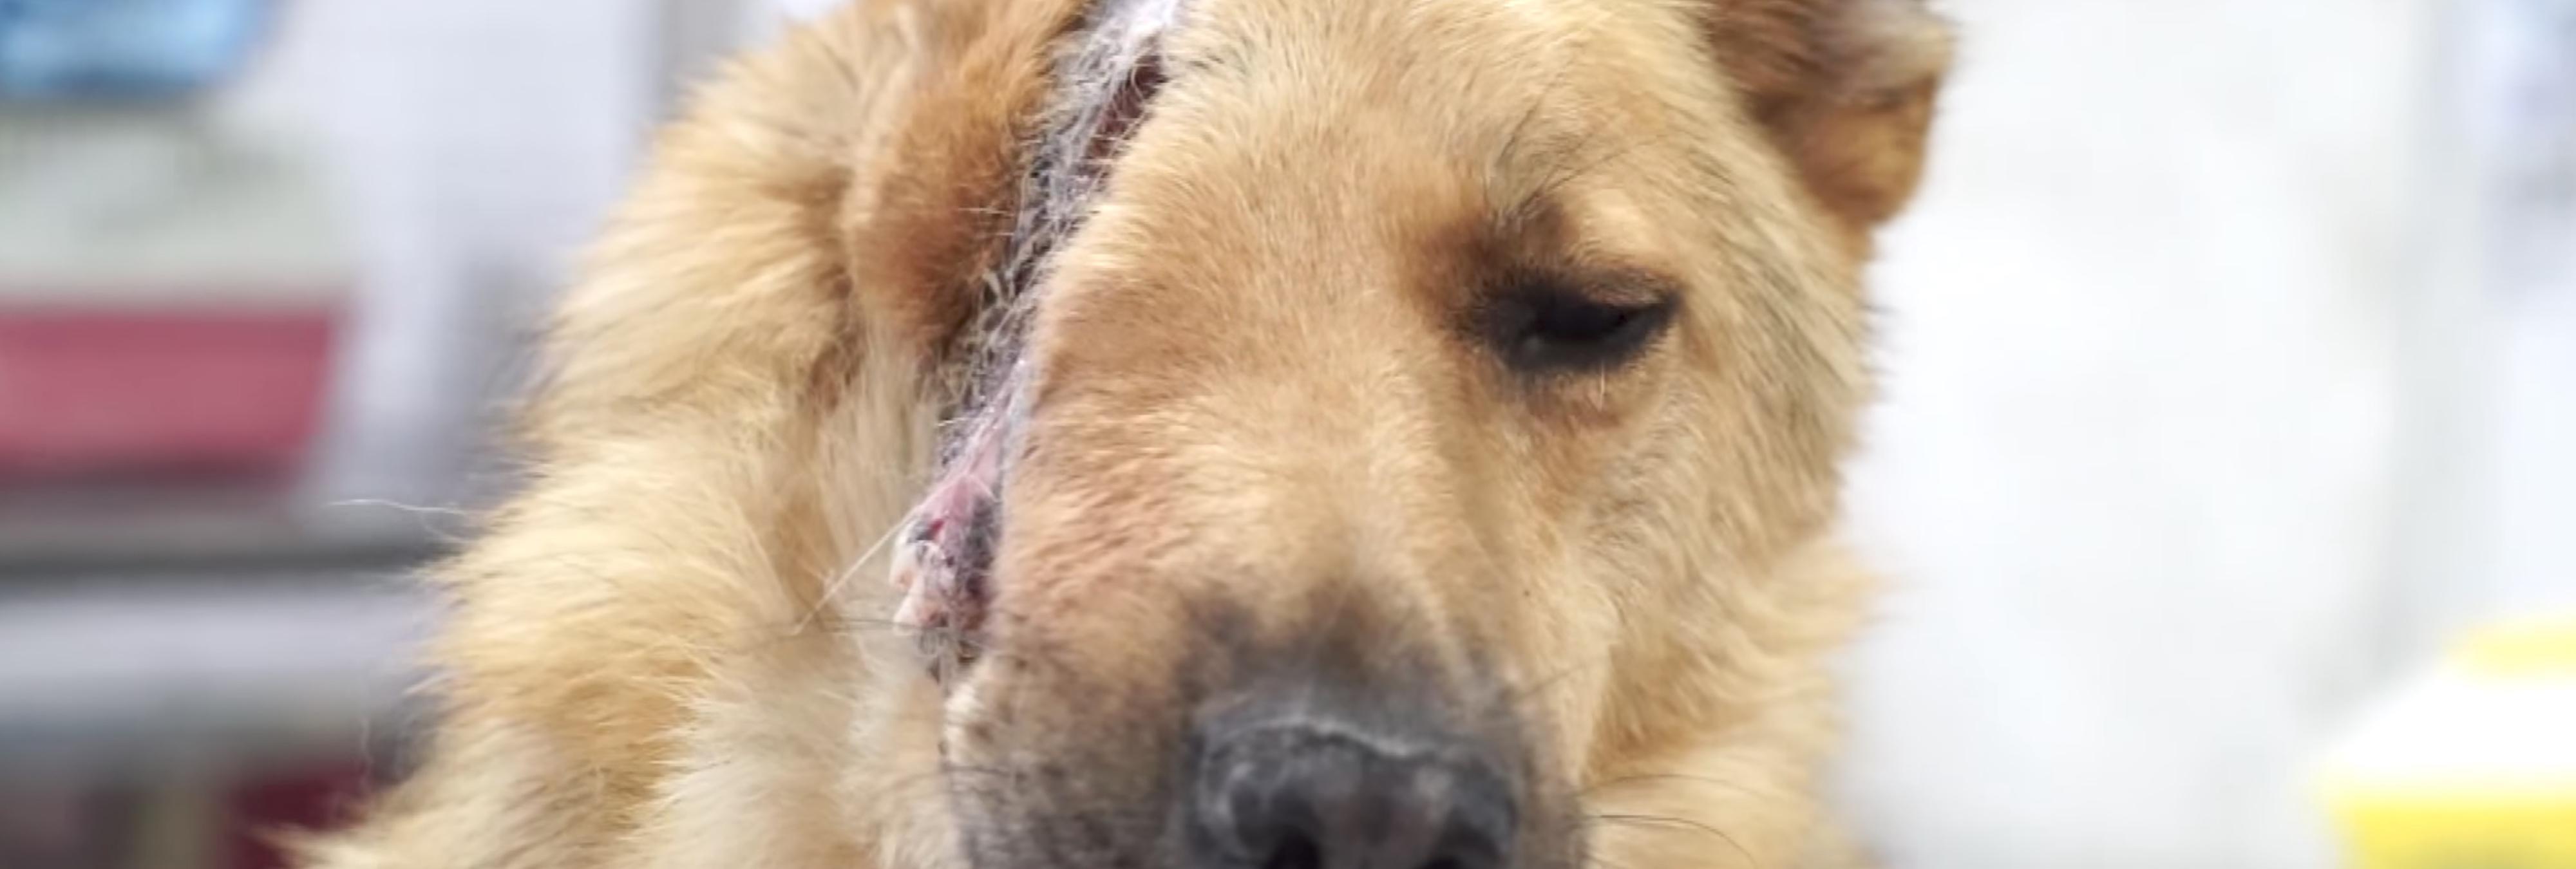 Movilización para salvar la vida de este perro al que seccionaron parte de la cabeza con una pala